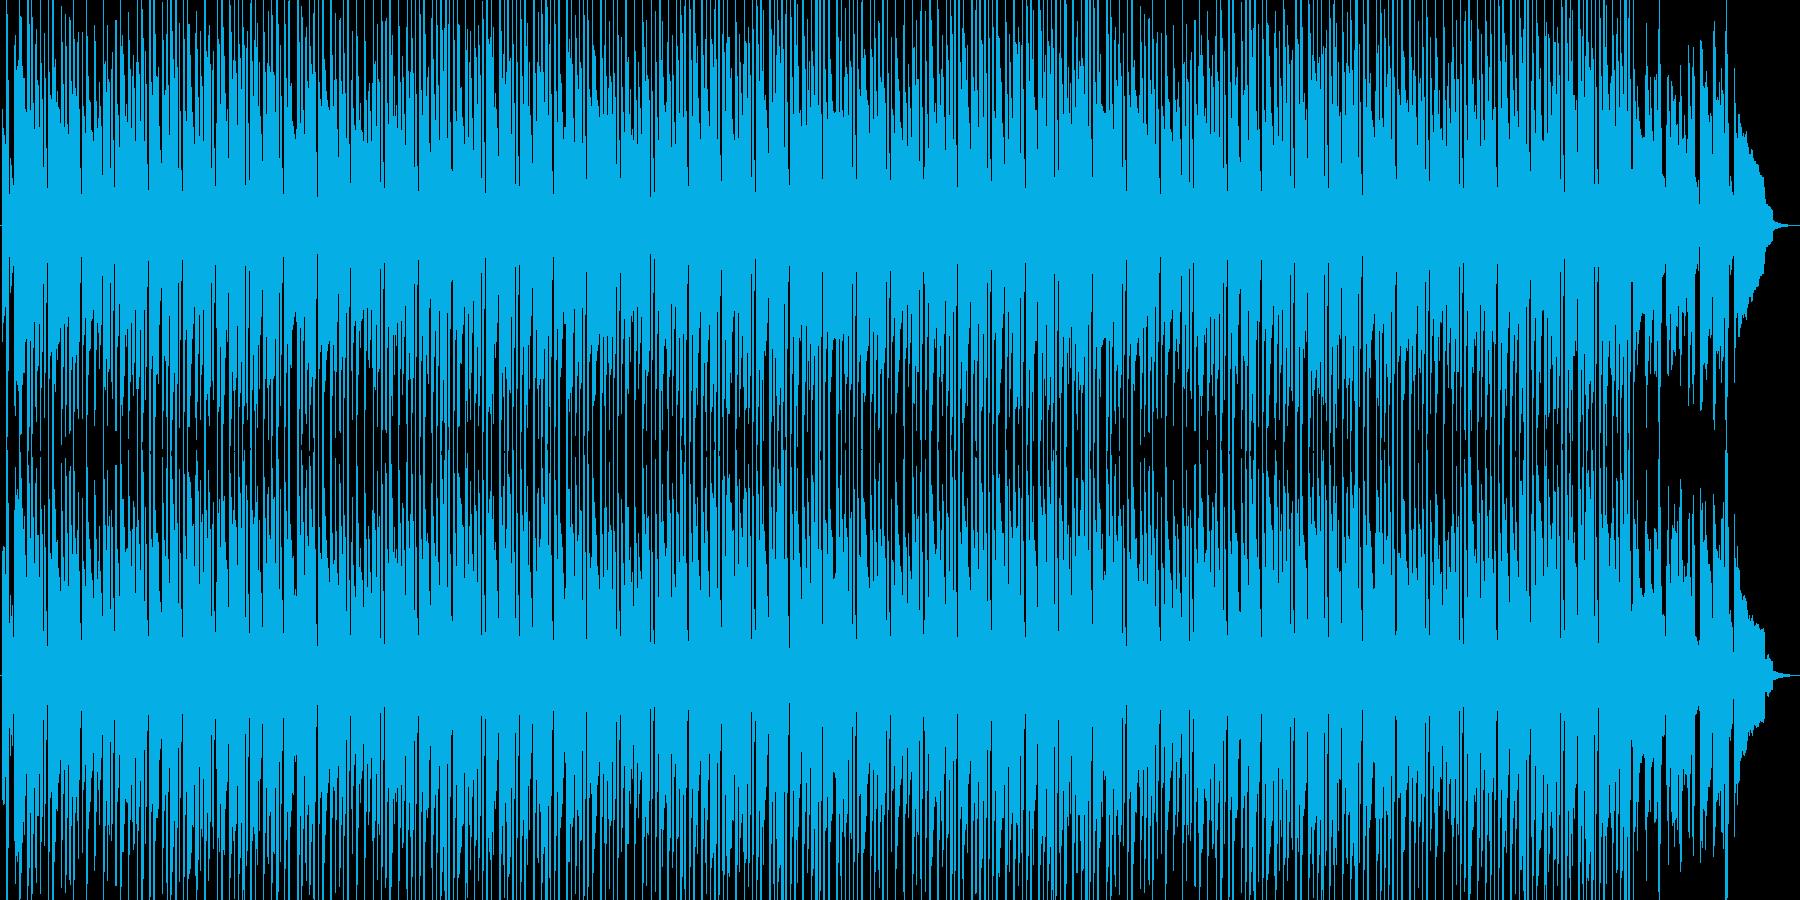 ゆったり60年代のアコースティックジャズの再生済みの波形